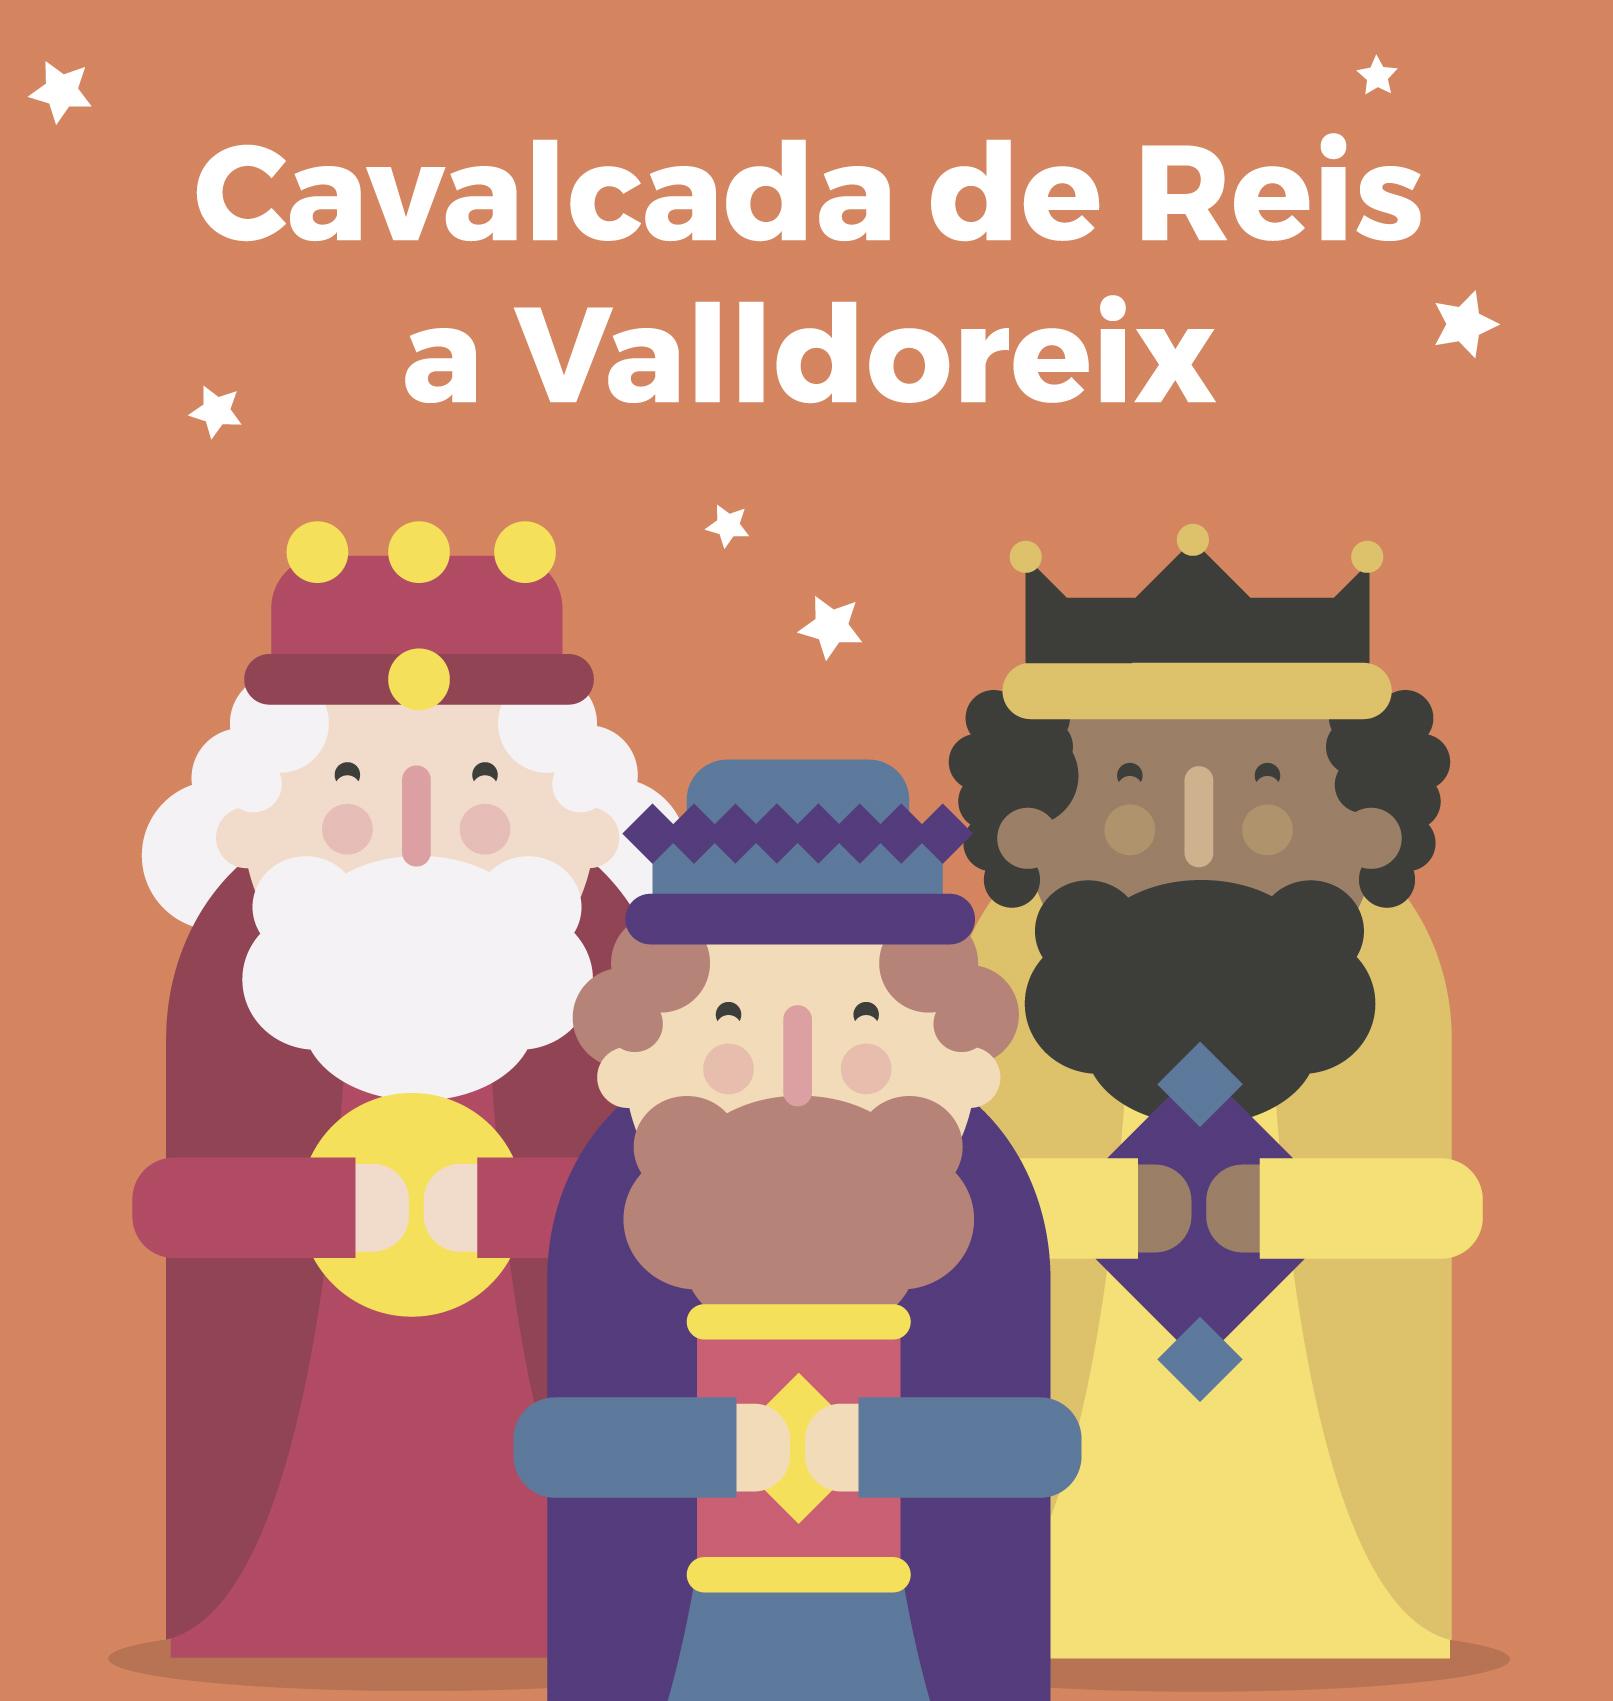 Horaris, recorregut i activitats de la Cavalcada de Reis 2017 a Valldoreix